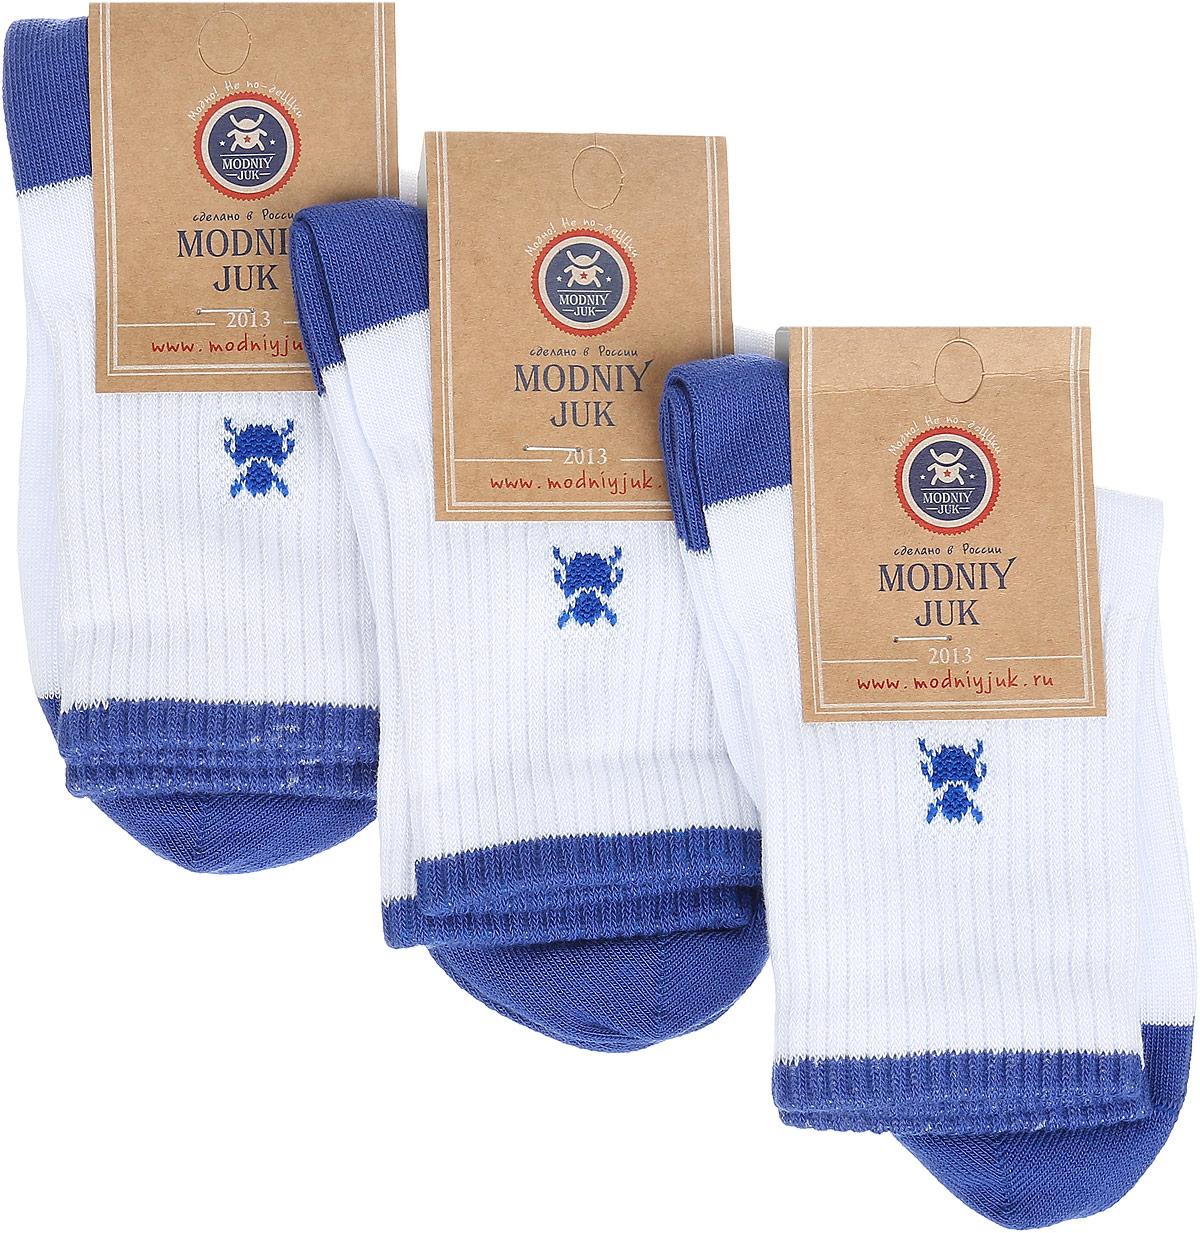 Носки для мальчика Sport, 3 пары. Socks 5Socks 5Носки для мальчика Modniy Juk Sport, изготовленные из высококачественного материала, идеально подойдут маленькому непоседе. Мягкая и широкая резинка плотно облегает ножку, не сдавливая ее, благодаря чему ребенку будет комфортно и удобно. Усиленные пятка и мысок обеспечивают надежность и долговечность. В комплект входят три пары носочков, которые оформлены изображением жучка и принтовой надписью на английском языке.